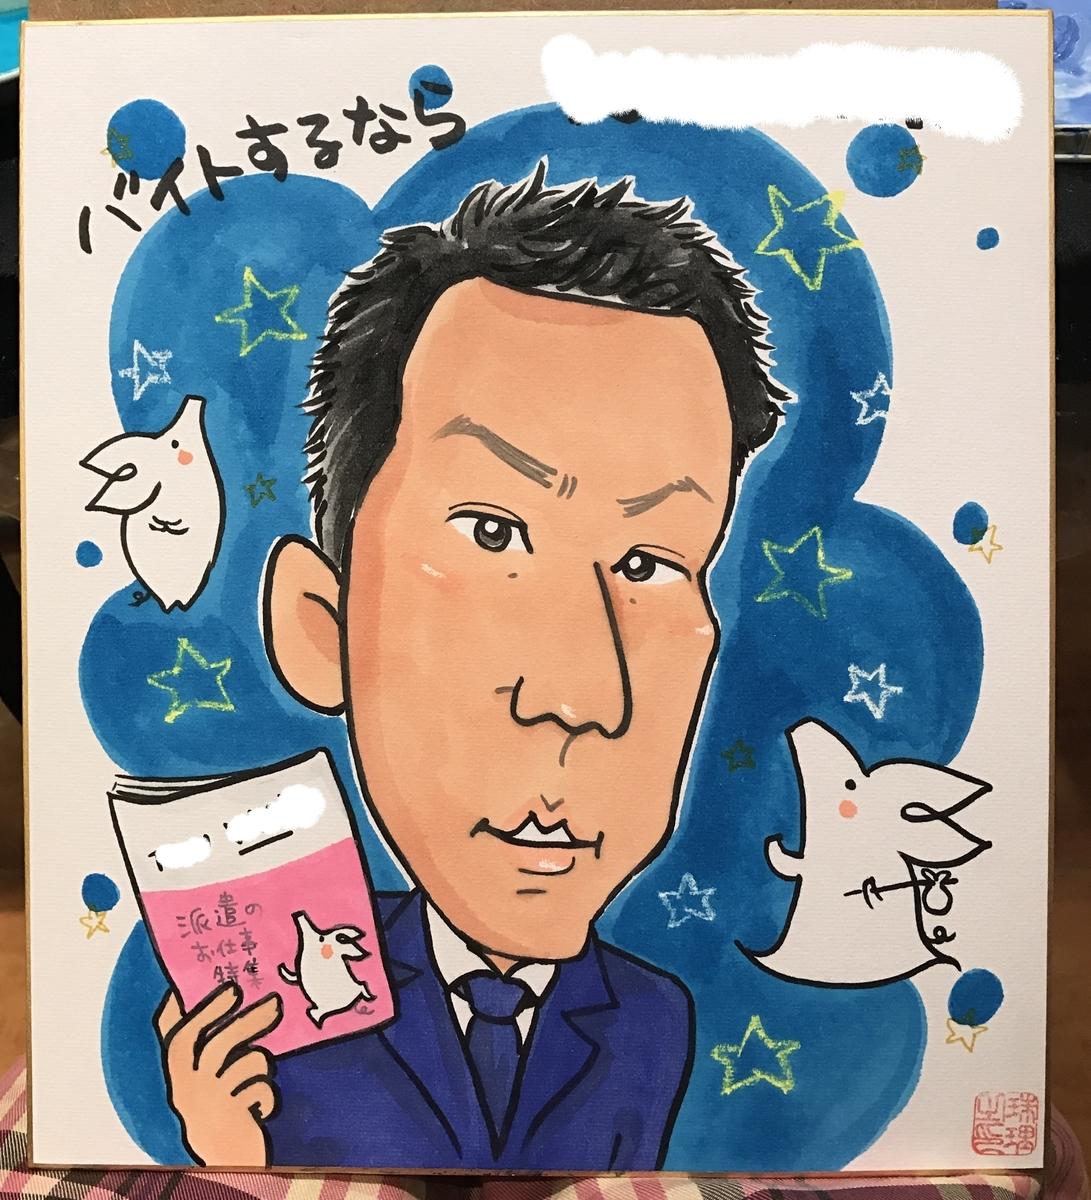 ギフト似顔絵 北海道札幌の似顔絵作家高井じゅり 似顔絵ファクトリー